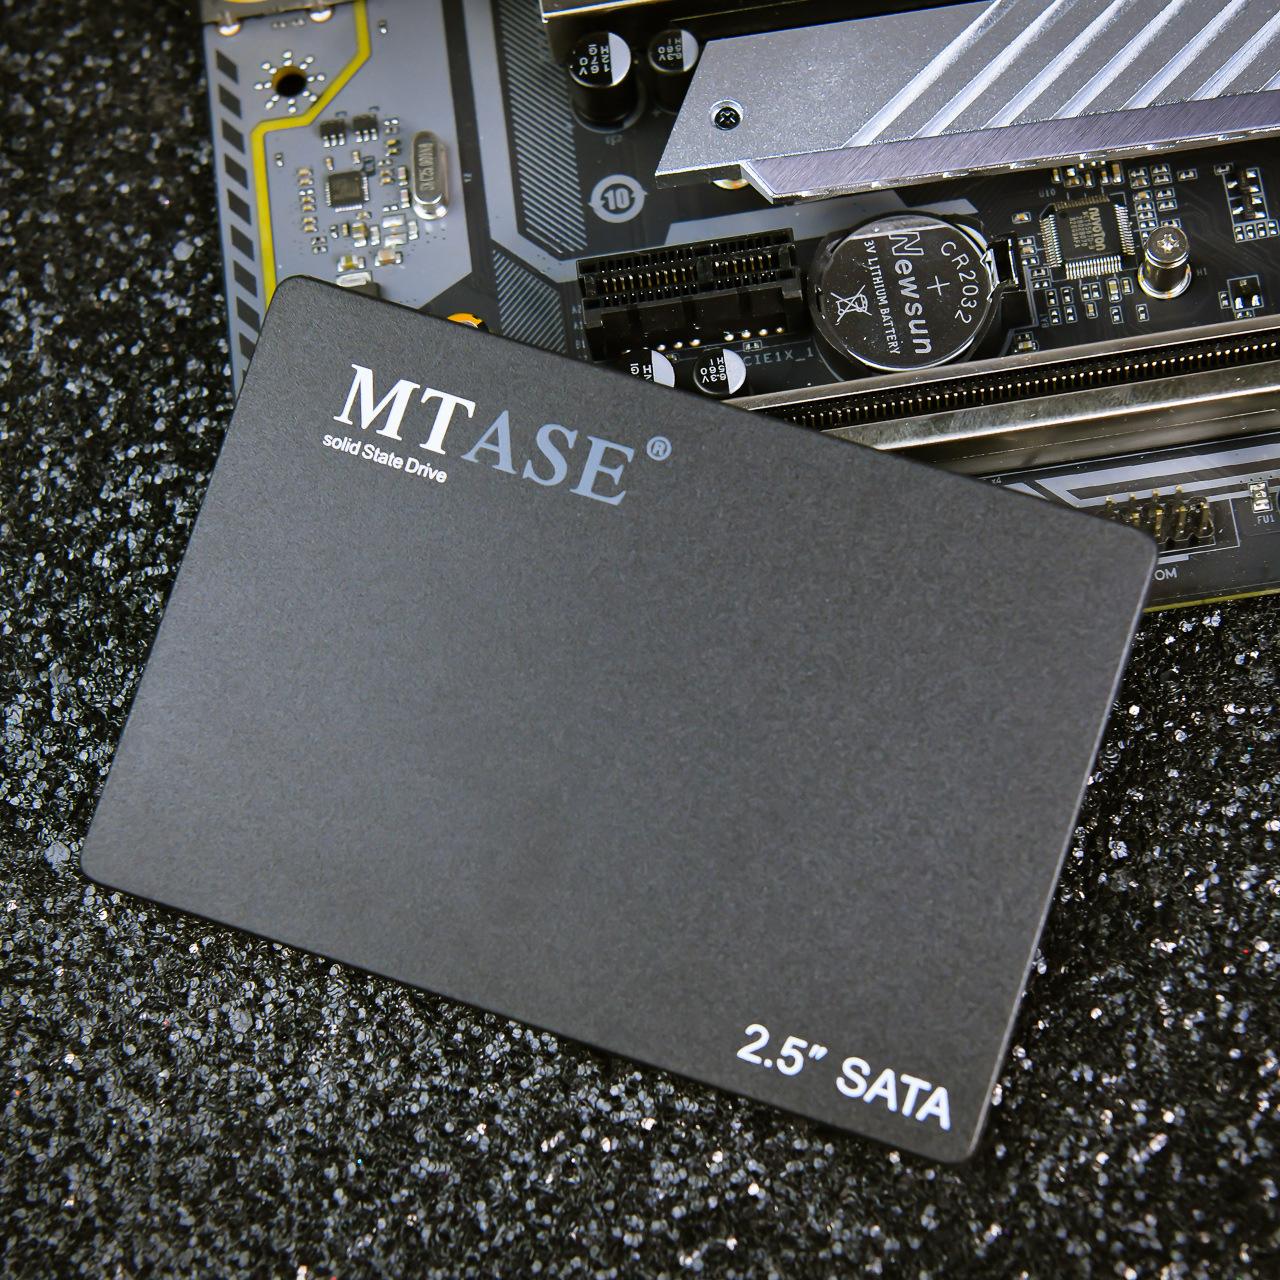 MTASE Ổ cứng SSD Factory Direct Charm Black War SSD 240g SSD SSD Ổ cứng máy tính để bàn